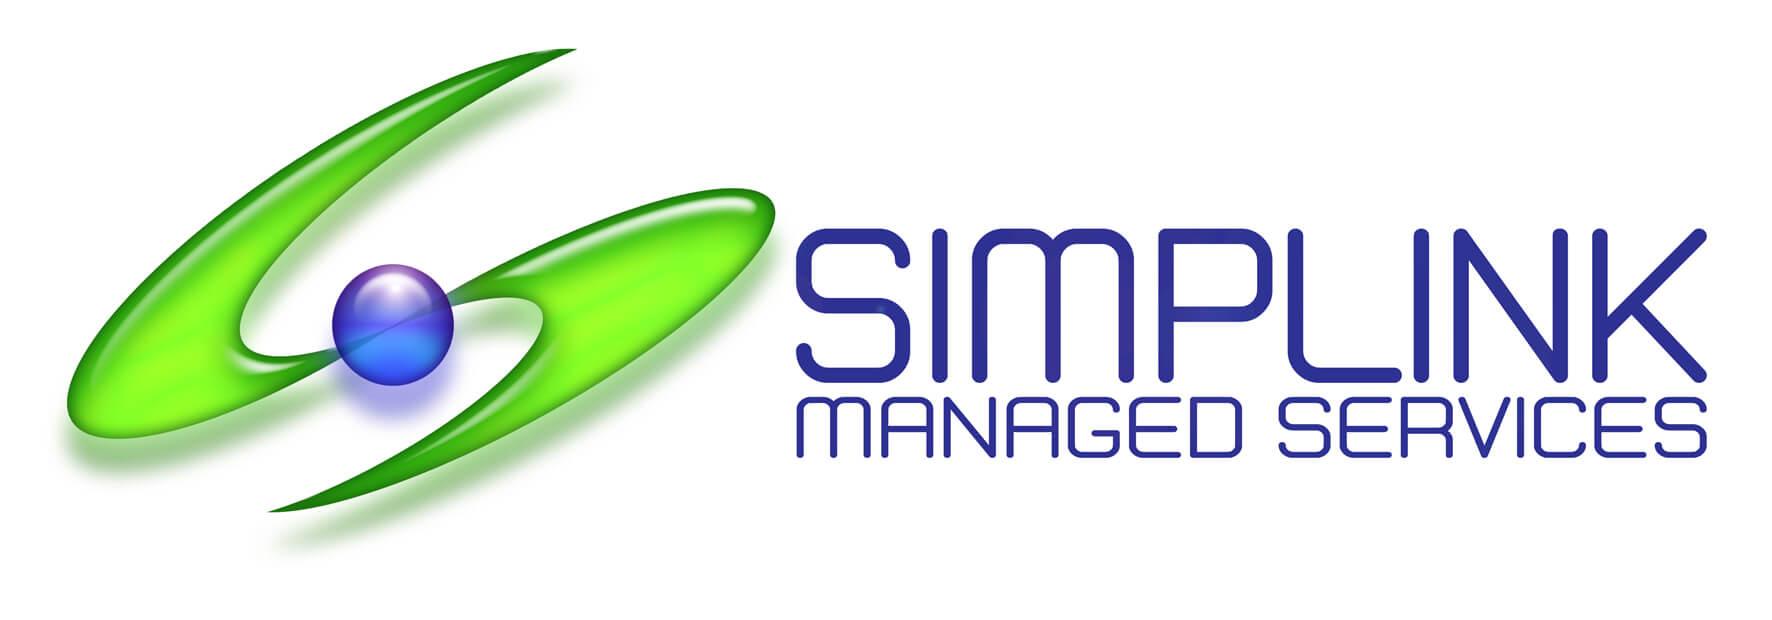 Simplink Managed Services logo